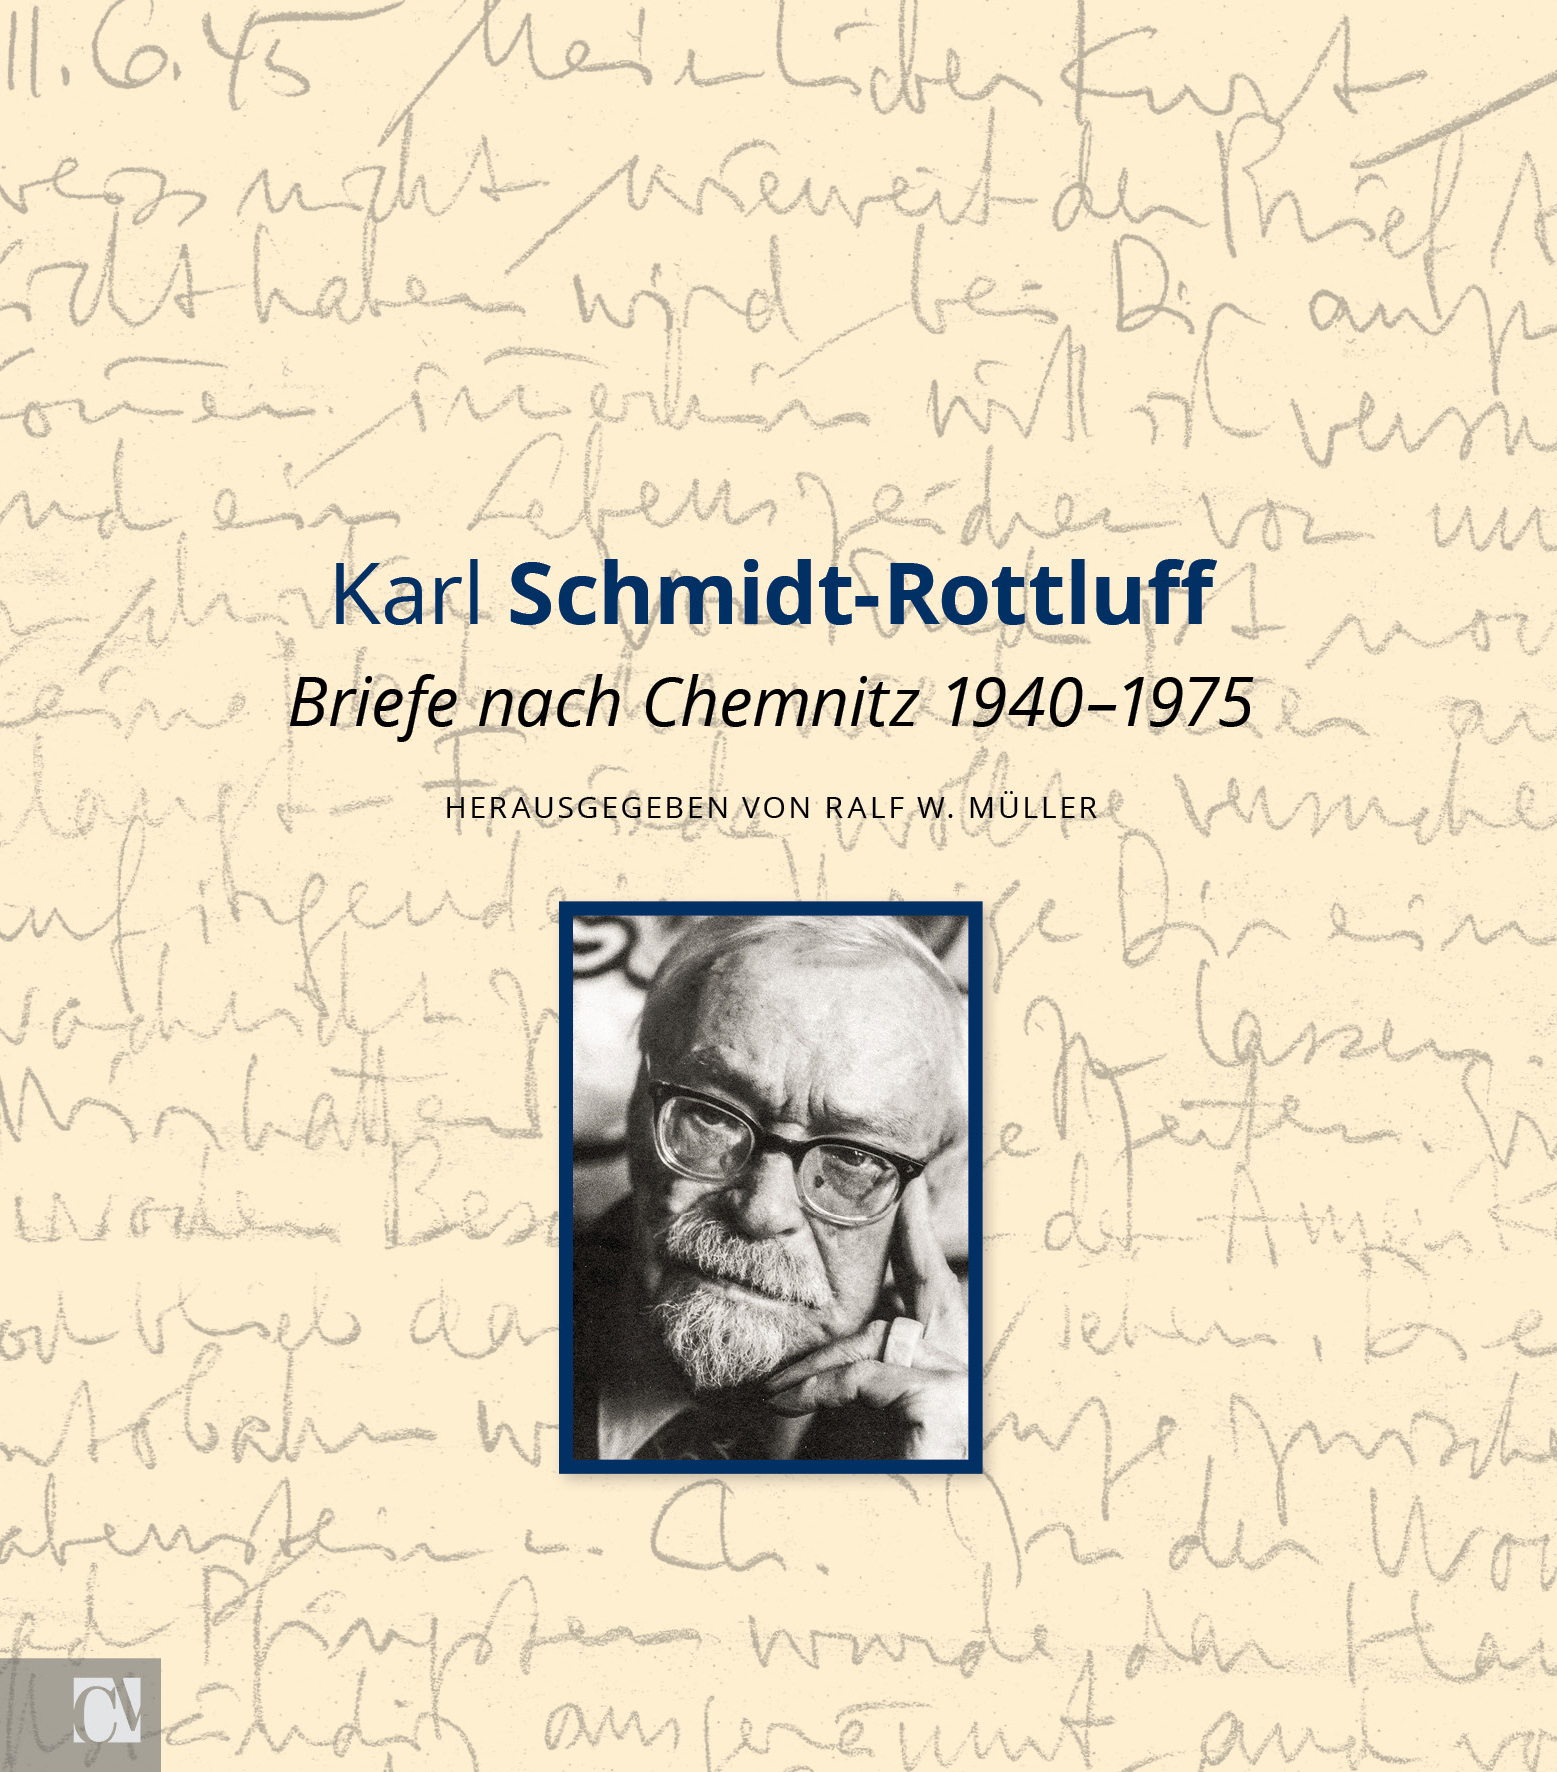 Briefe nach Chemnitz 1940 - 1975, Karl Schmidt-Rottluff